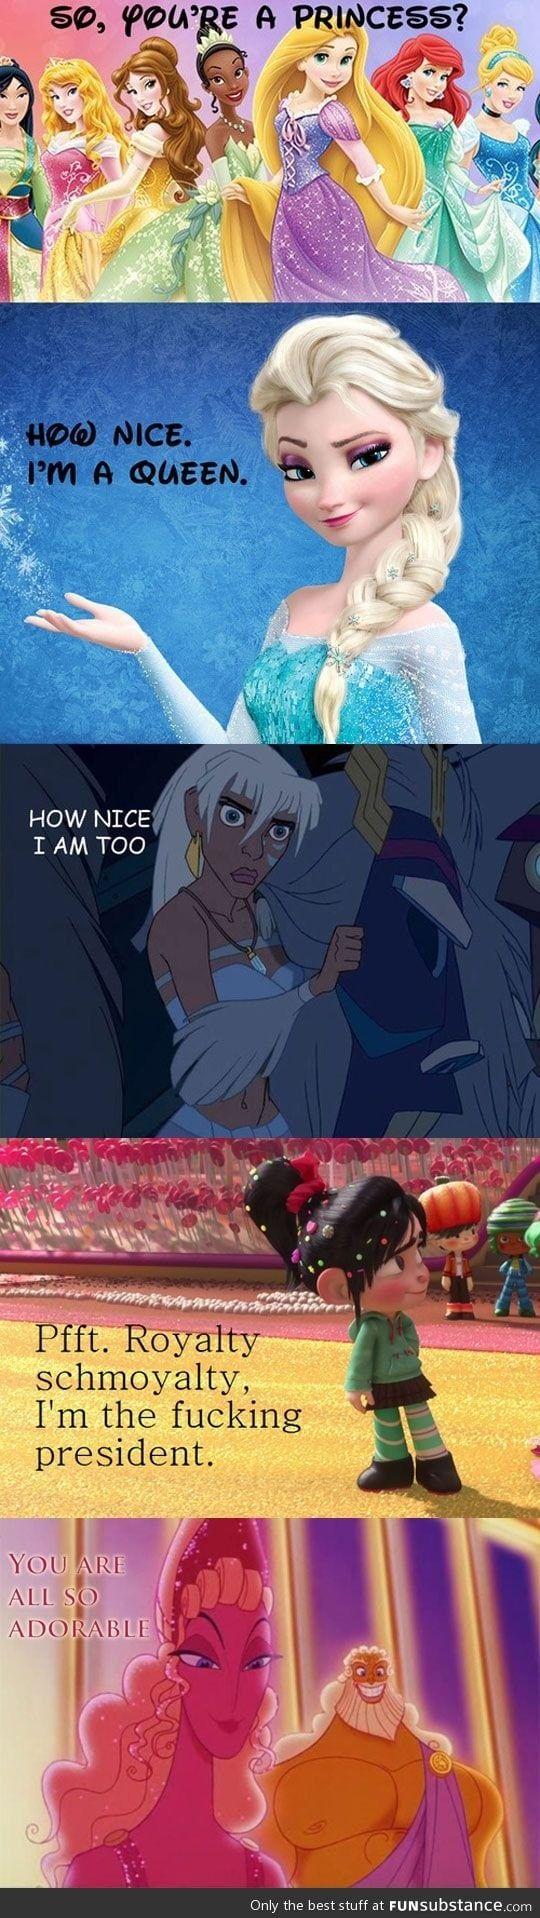 So, You're A Princess? - FunSubstance